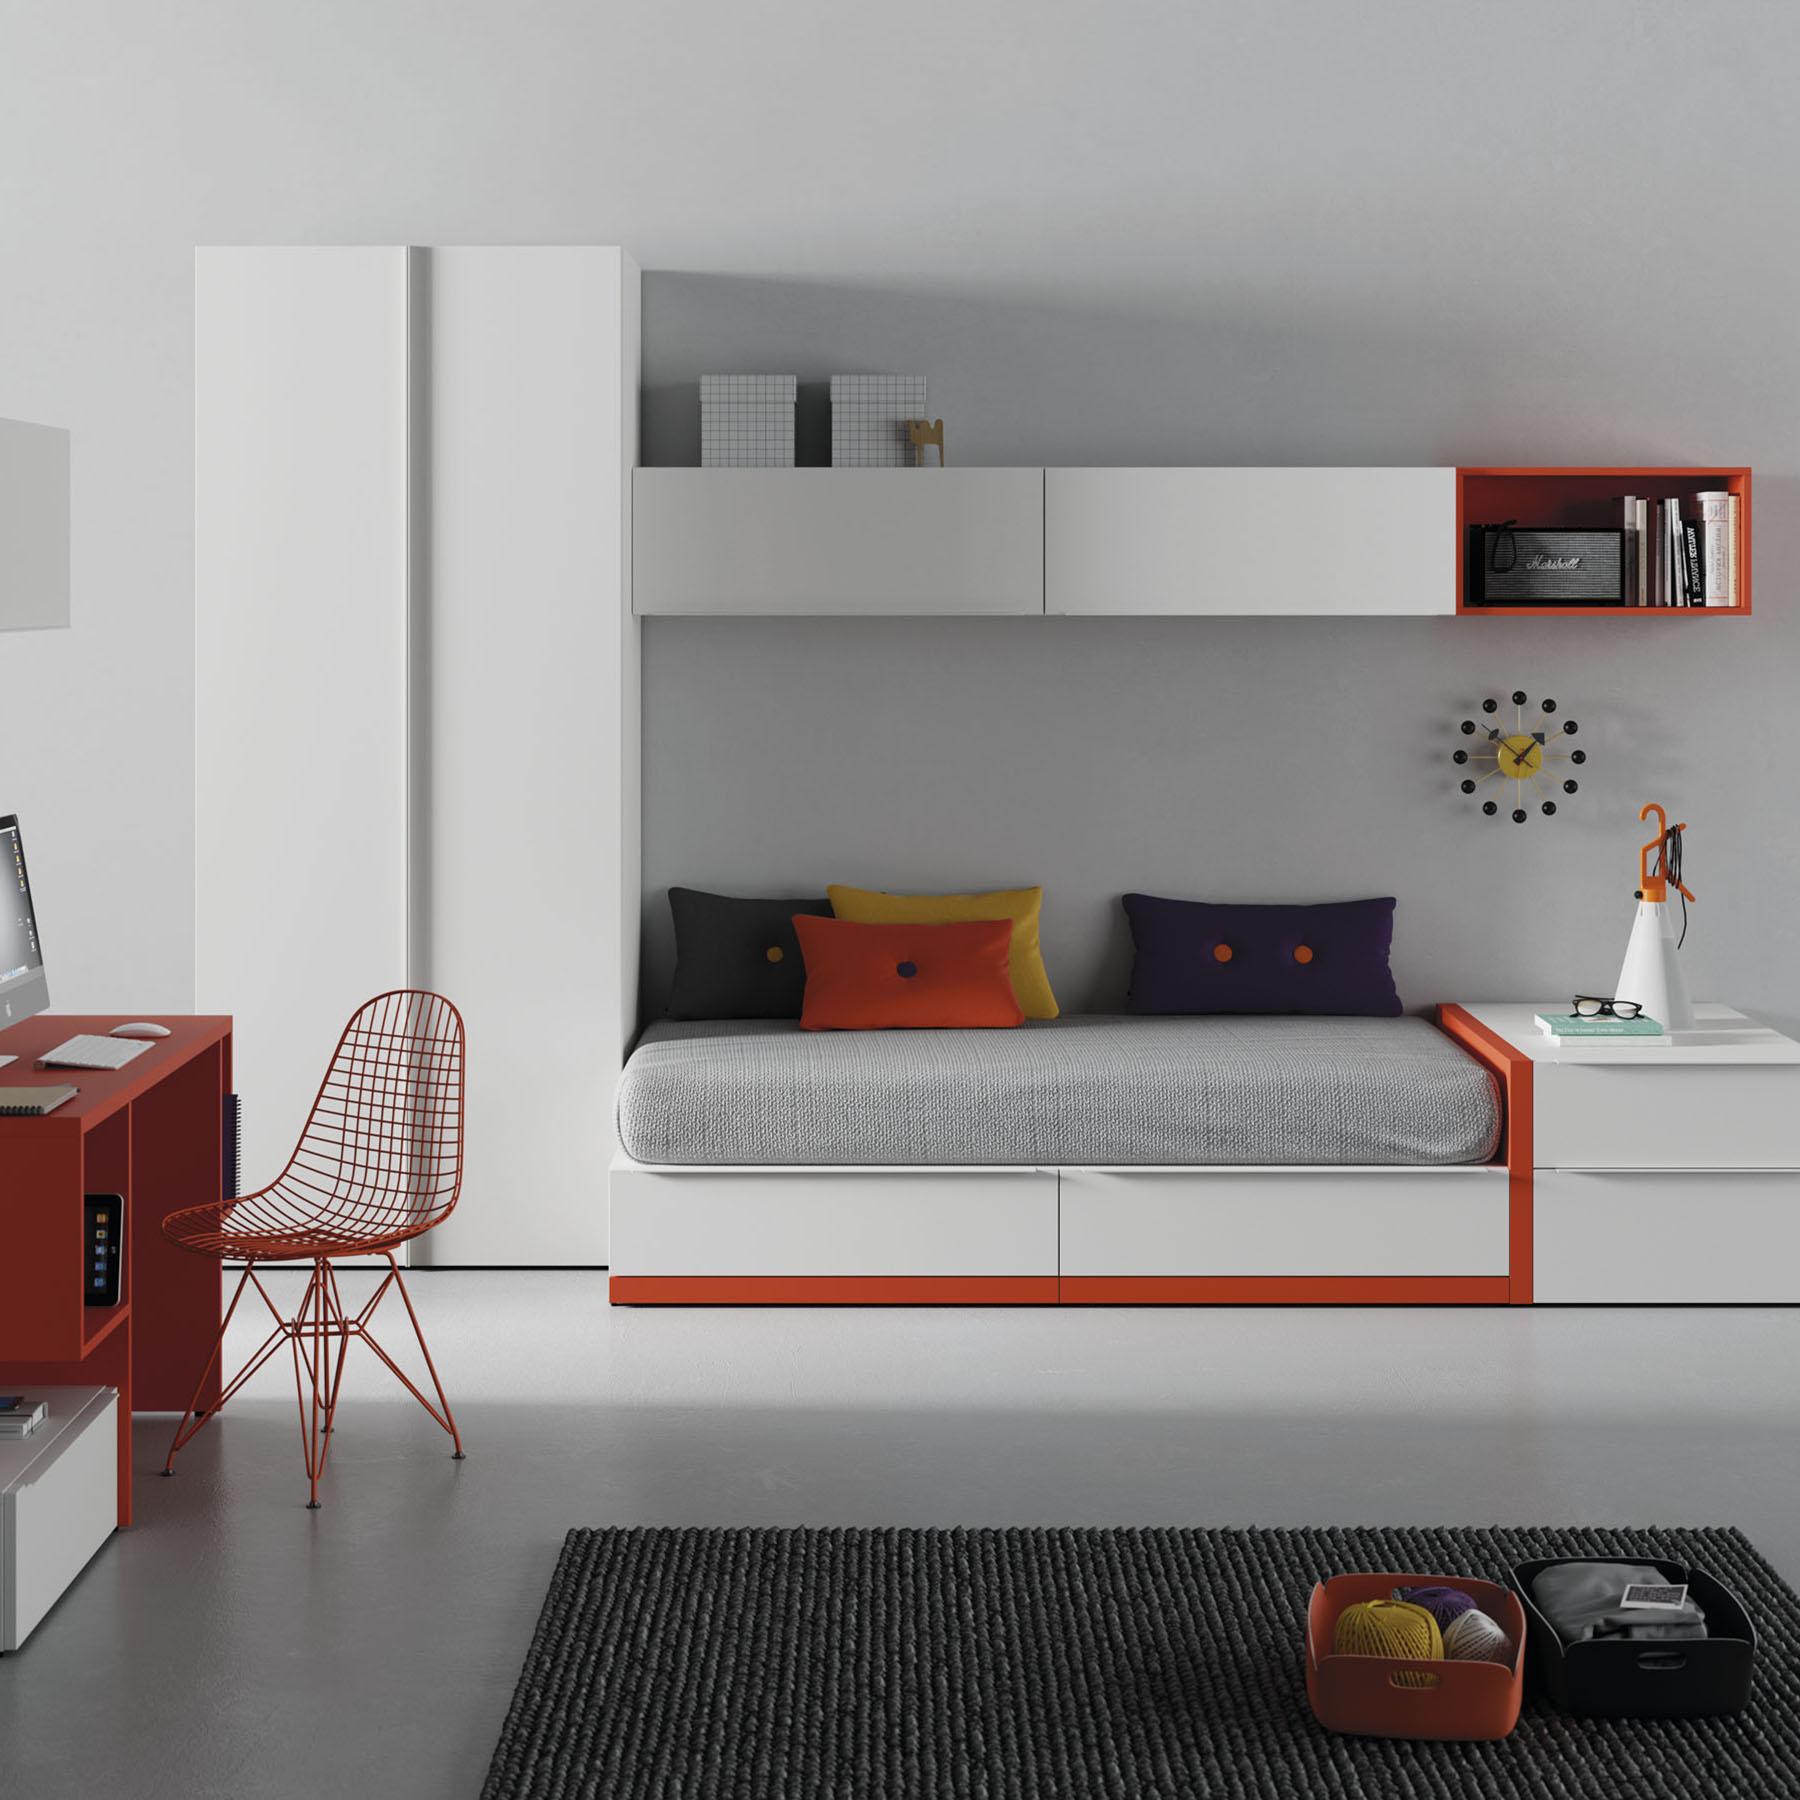 Habitaci n juvenil con escritorio 2 mbit for Escritorio habitacion juvenil